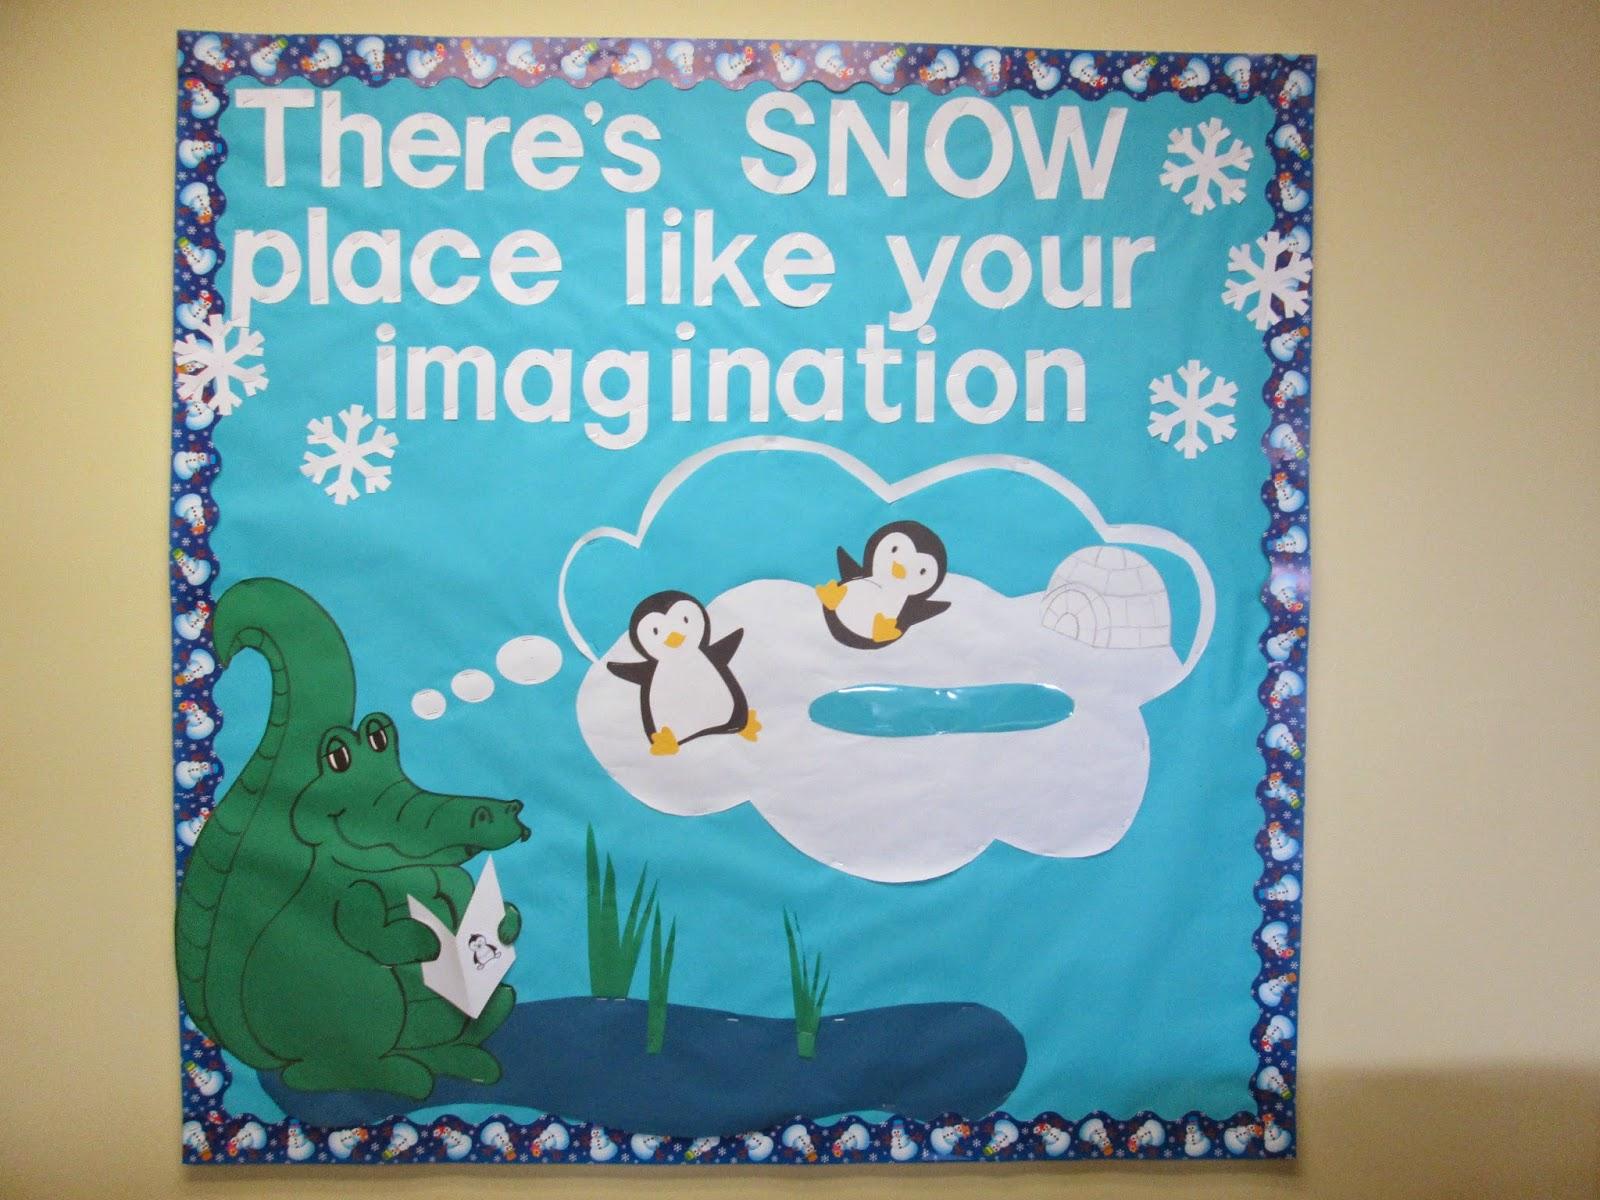 Winter bulletin boards ideas pinterest - School Library Media Center Bulletin Boards Check Bulletin Board Masterpost For More Bulletin Board Images